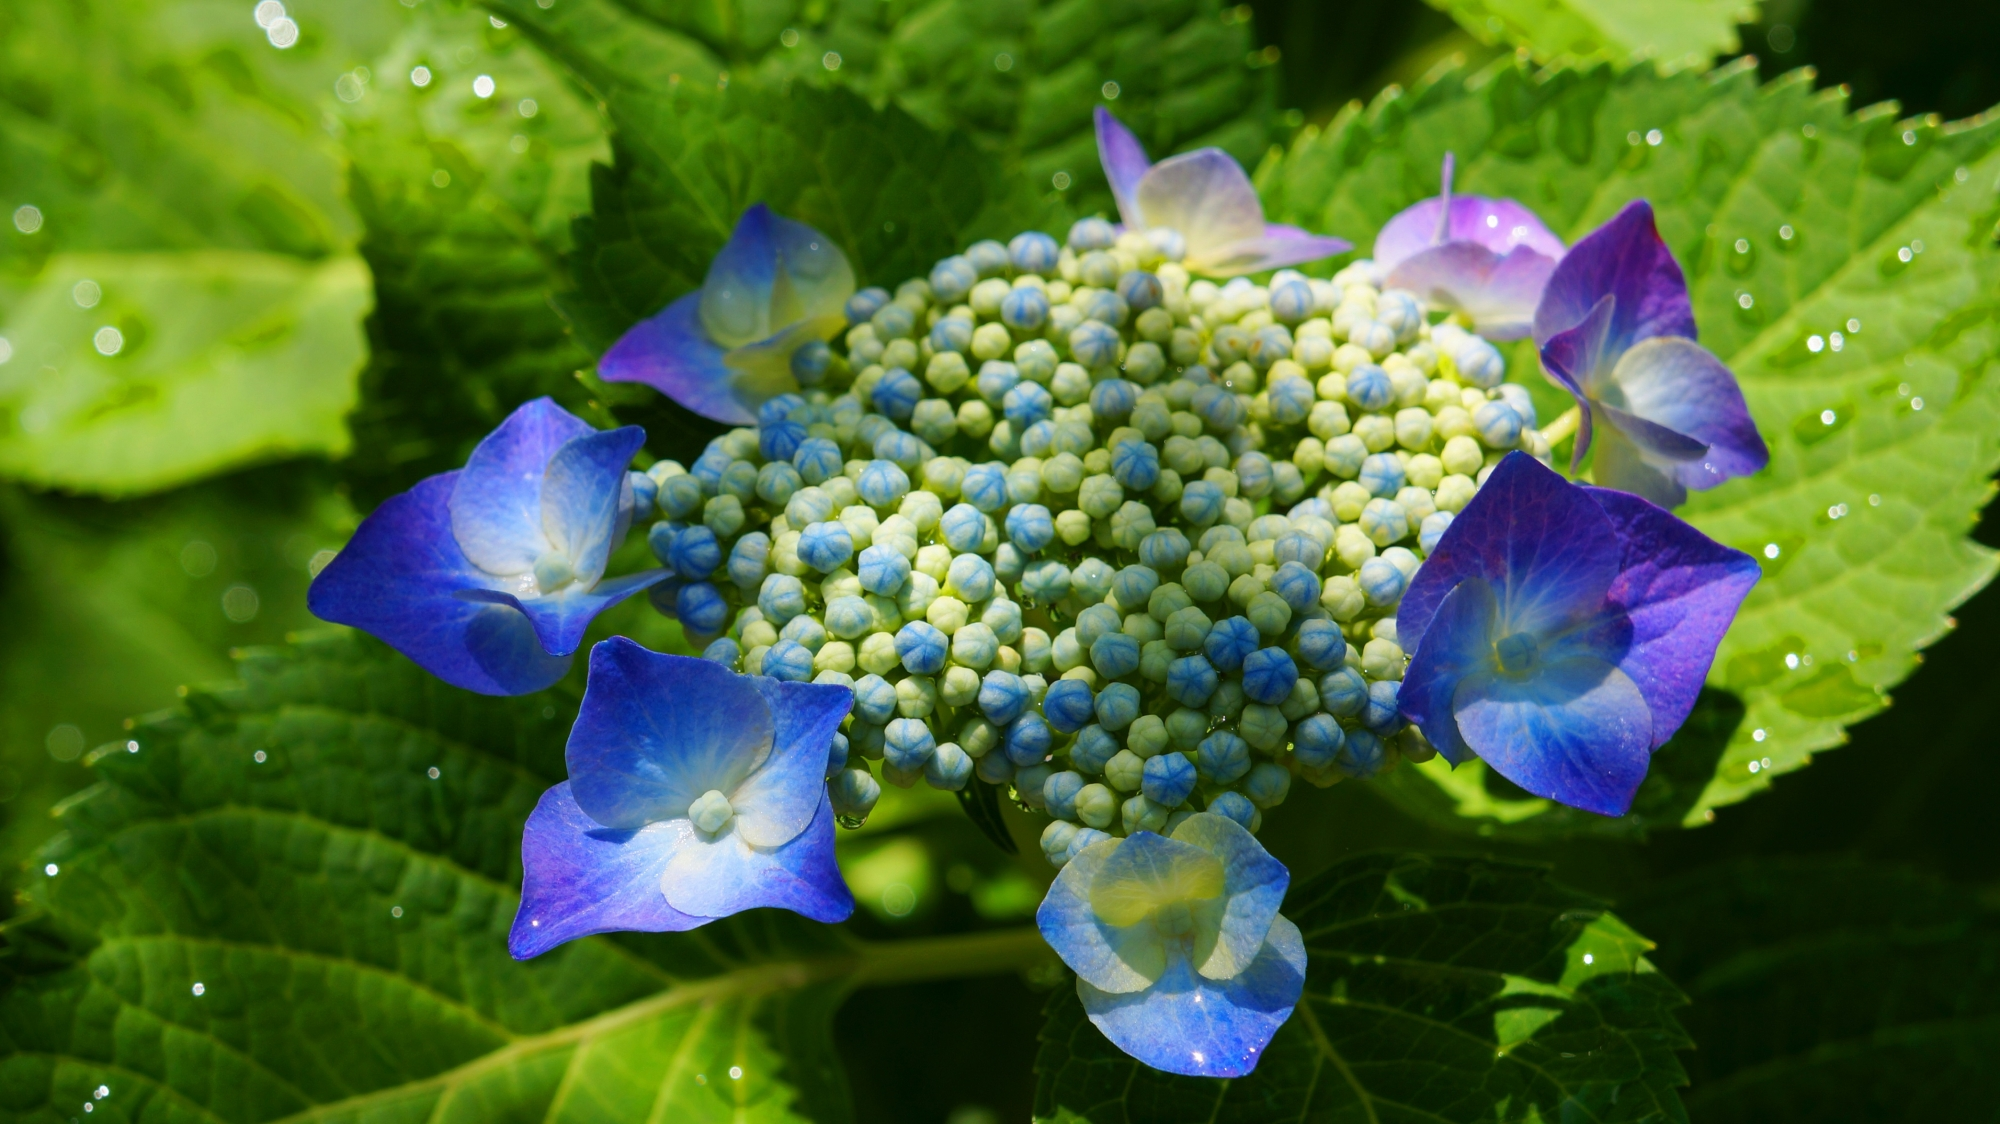 雨水が潤す鮮やかな青と紫の額紫陽花